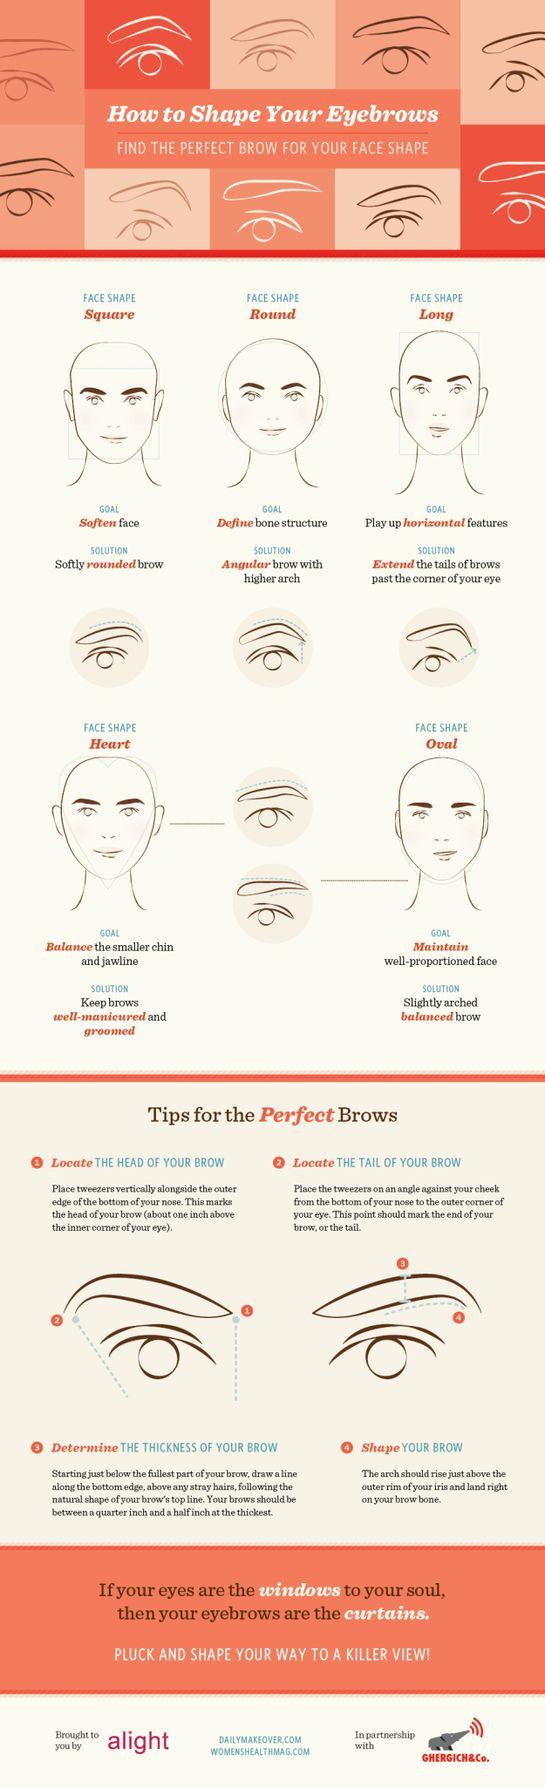 Infographie pour savoir quelle forme de sourcils nous convient le mieux selon sa forme de visage ! Trouvé sur babillages.net